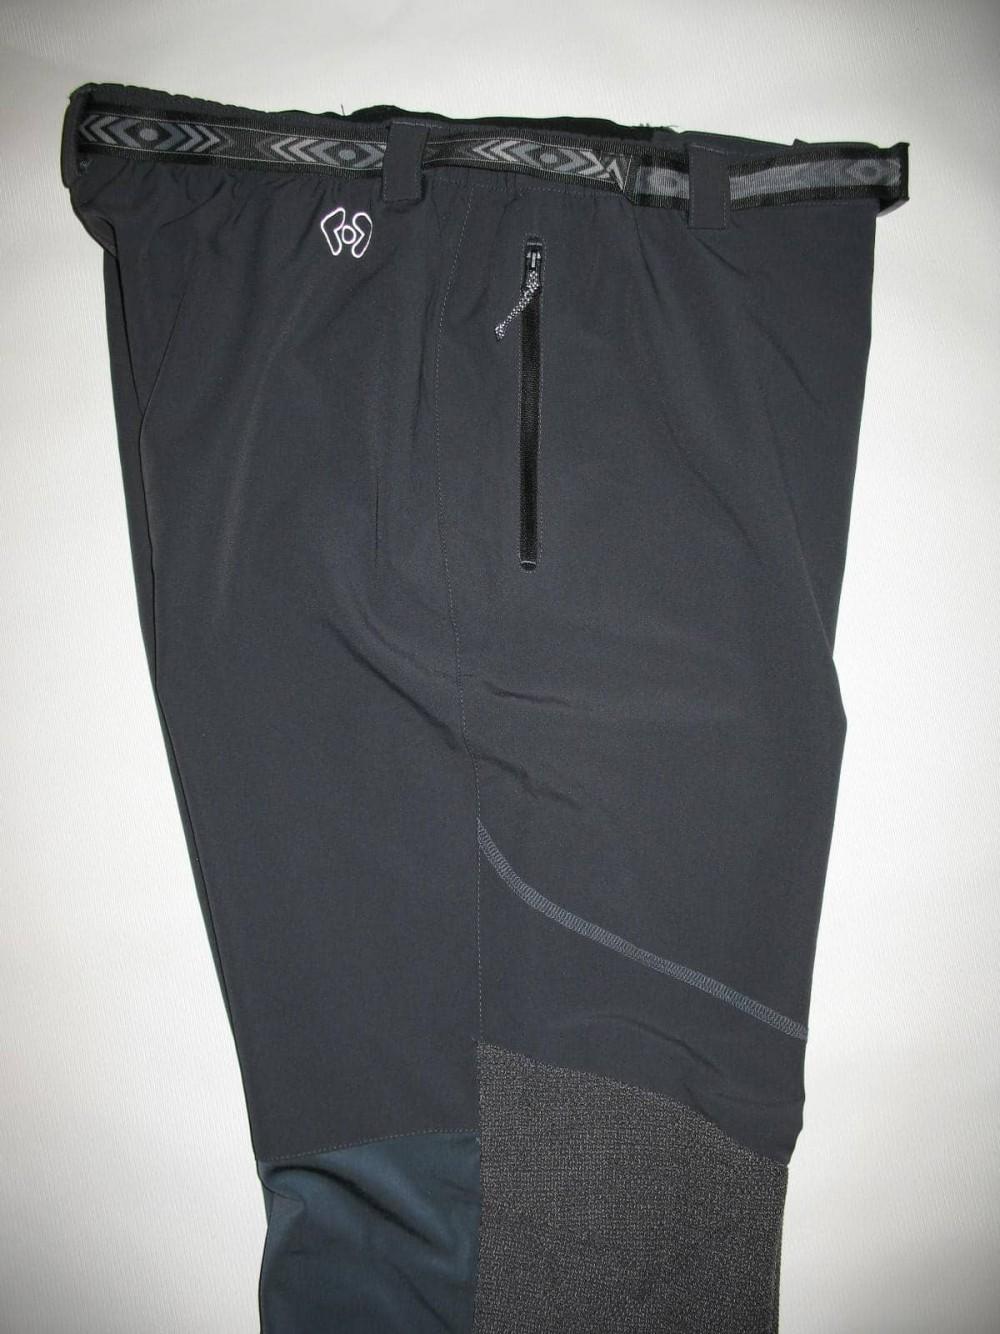 Штаны TRIMM slider pants (размер XXL) - 4